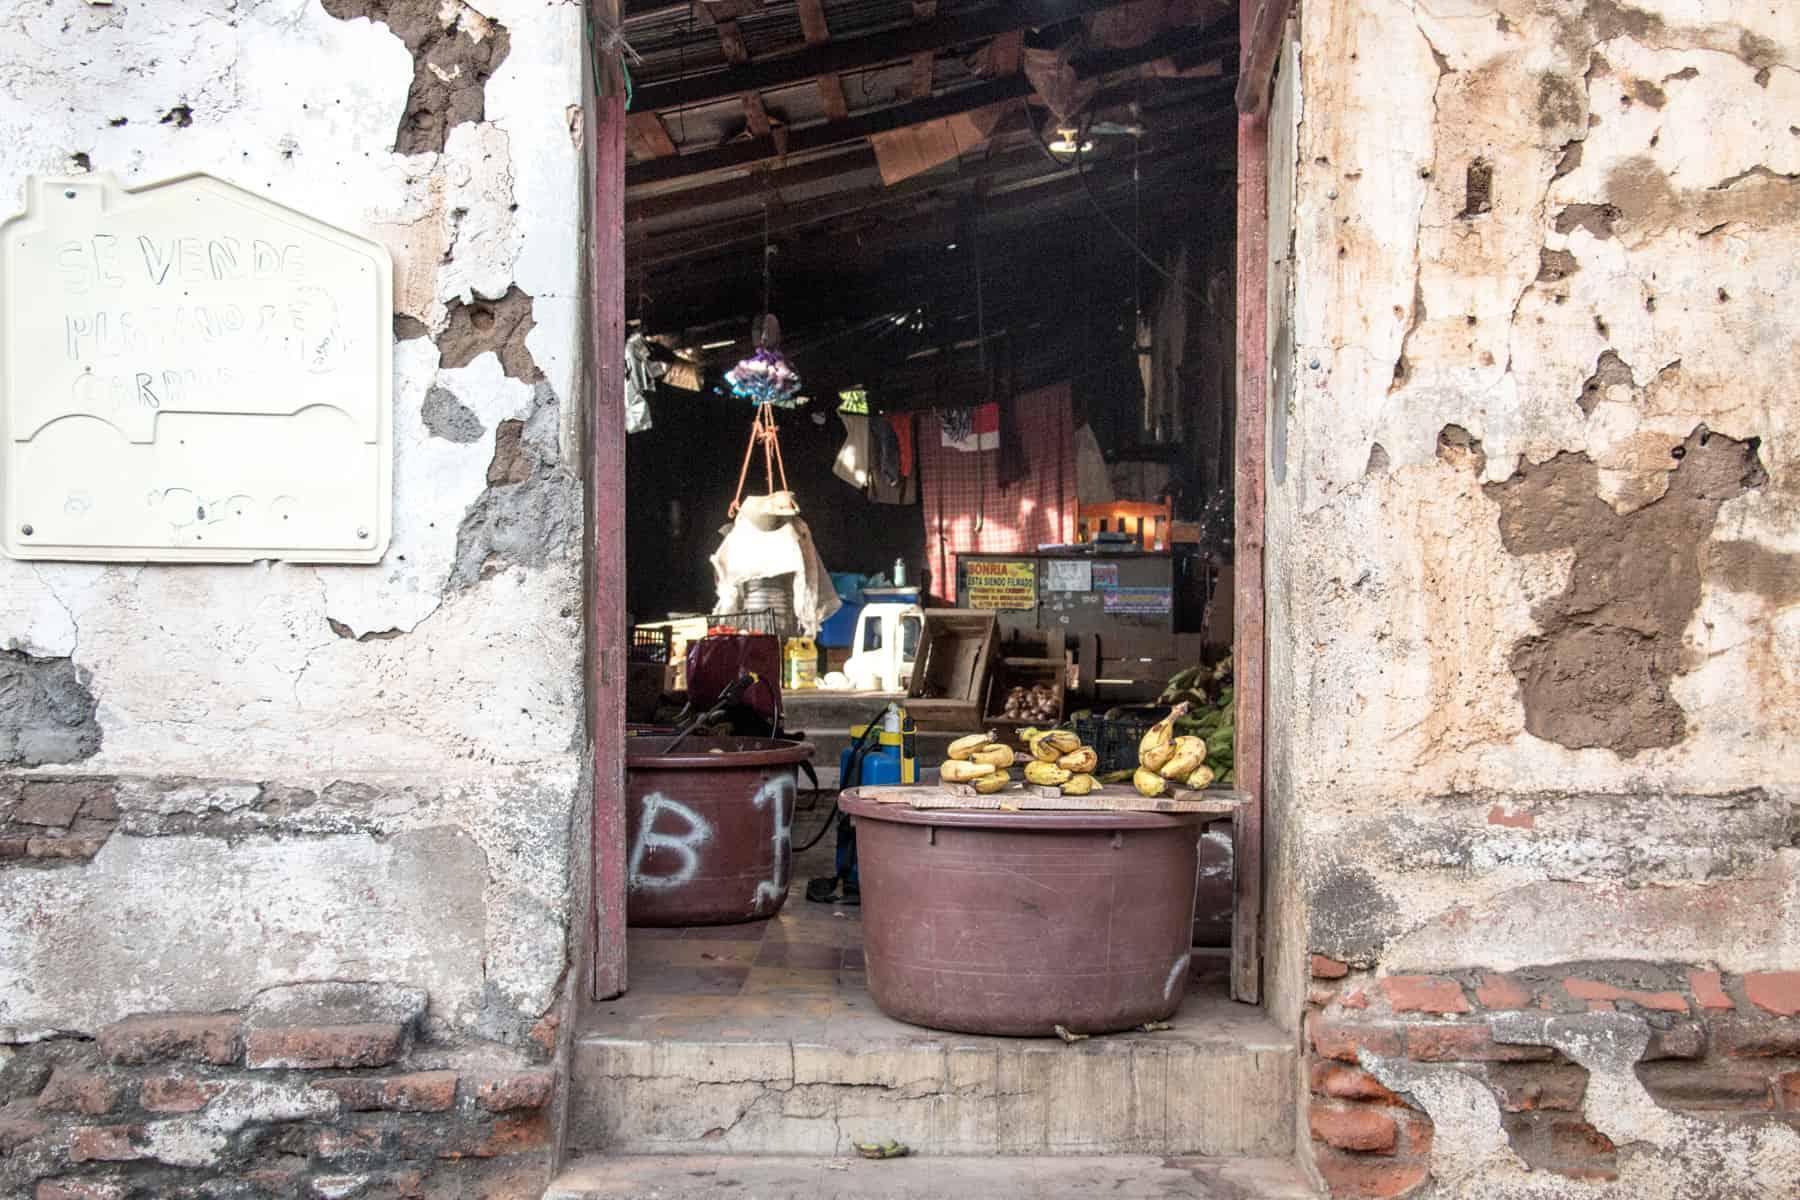 Store front in San Miguel El Salvador